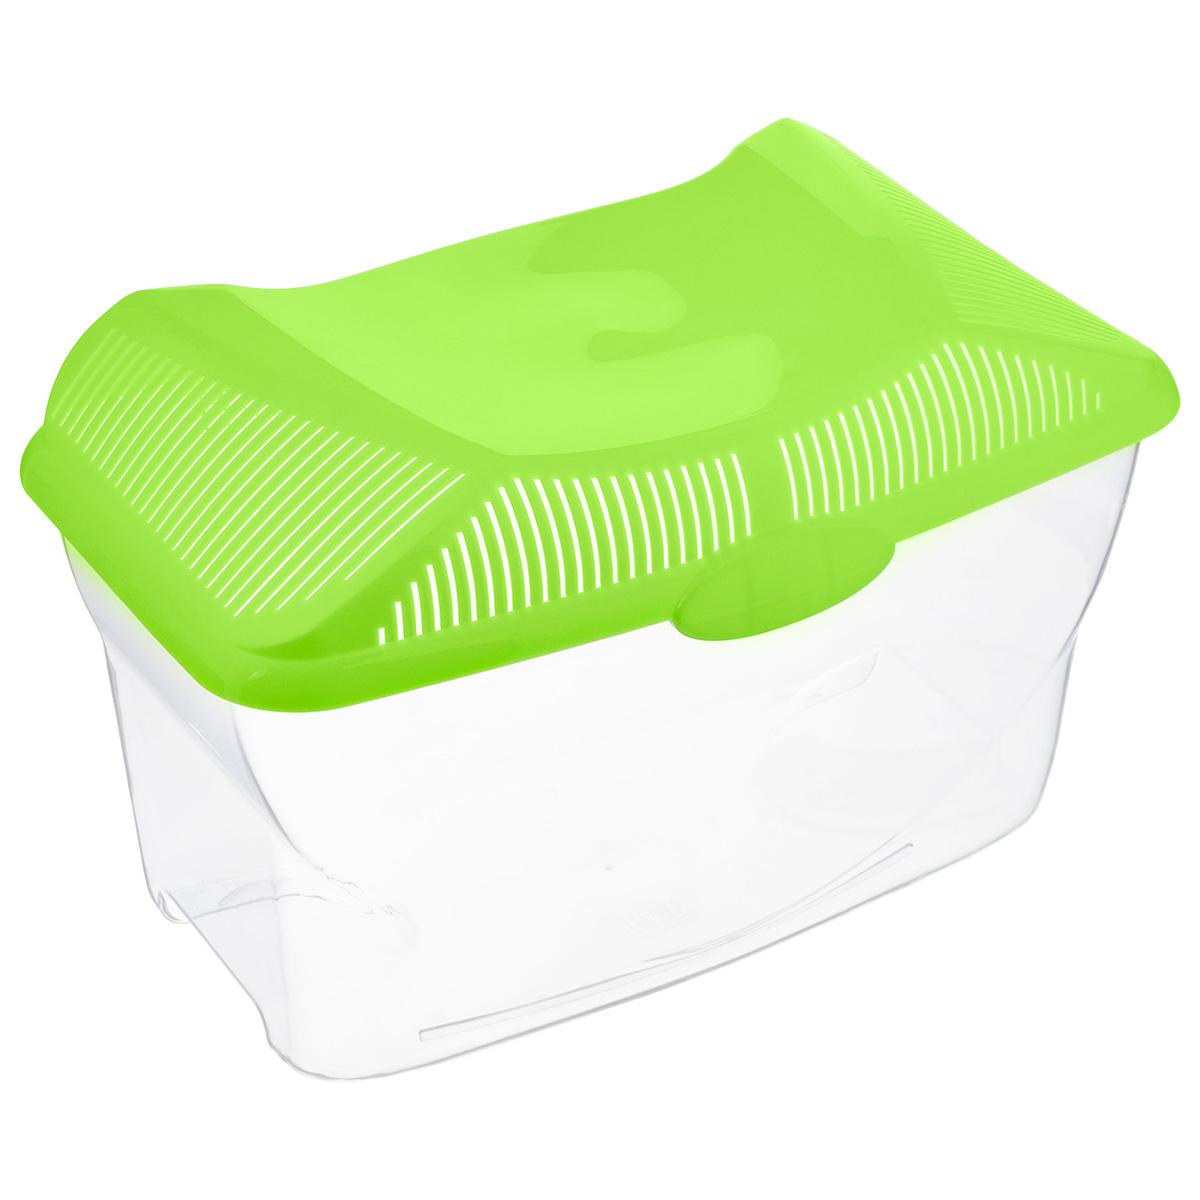 Аквариум-террариум Savic Aqua Smile, цвет: прозрачный, салатовый, 3 л0116-0000Аквариум-террариум Savic Aqua Smile, выполненный из высококачественного пластика, идеально подойдет для разведения небольших рыб, водоплавающих черепах, пауков. Изделие оснащено откидной крышкой с отверстиями для прохождения воздуха. Такой аквариум-террариум подходит к дизайну практически любого интерьера. Более того, его можно устанавливать практически в любой части комнаты или офиса, и в последствии без проблем перемещать в другие места. Размер (без учета крышки): 24 см х 14,5 см х 13,5 см. Высота (с учетом крышки): 16,7 см. Объем: 3 л.